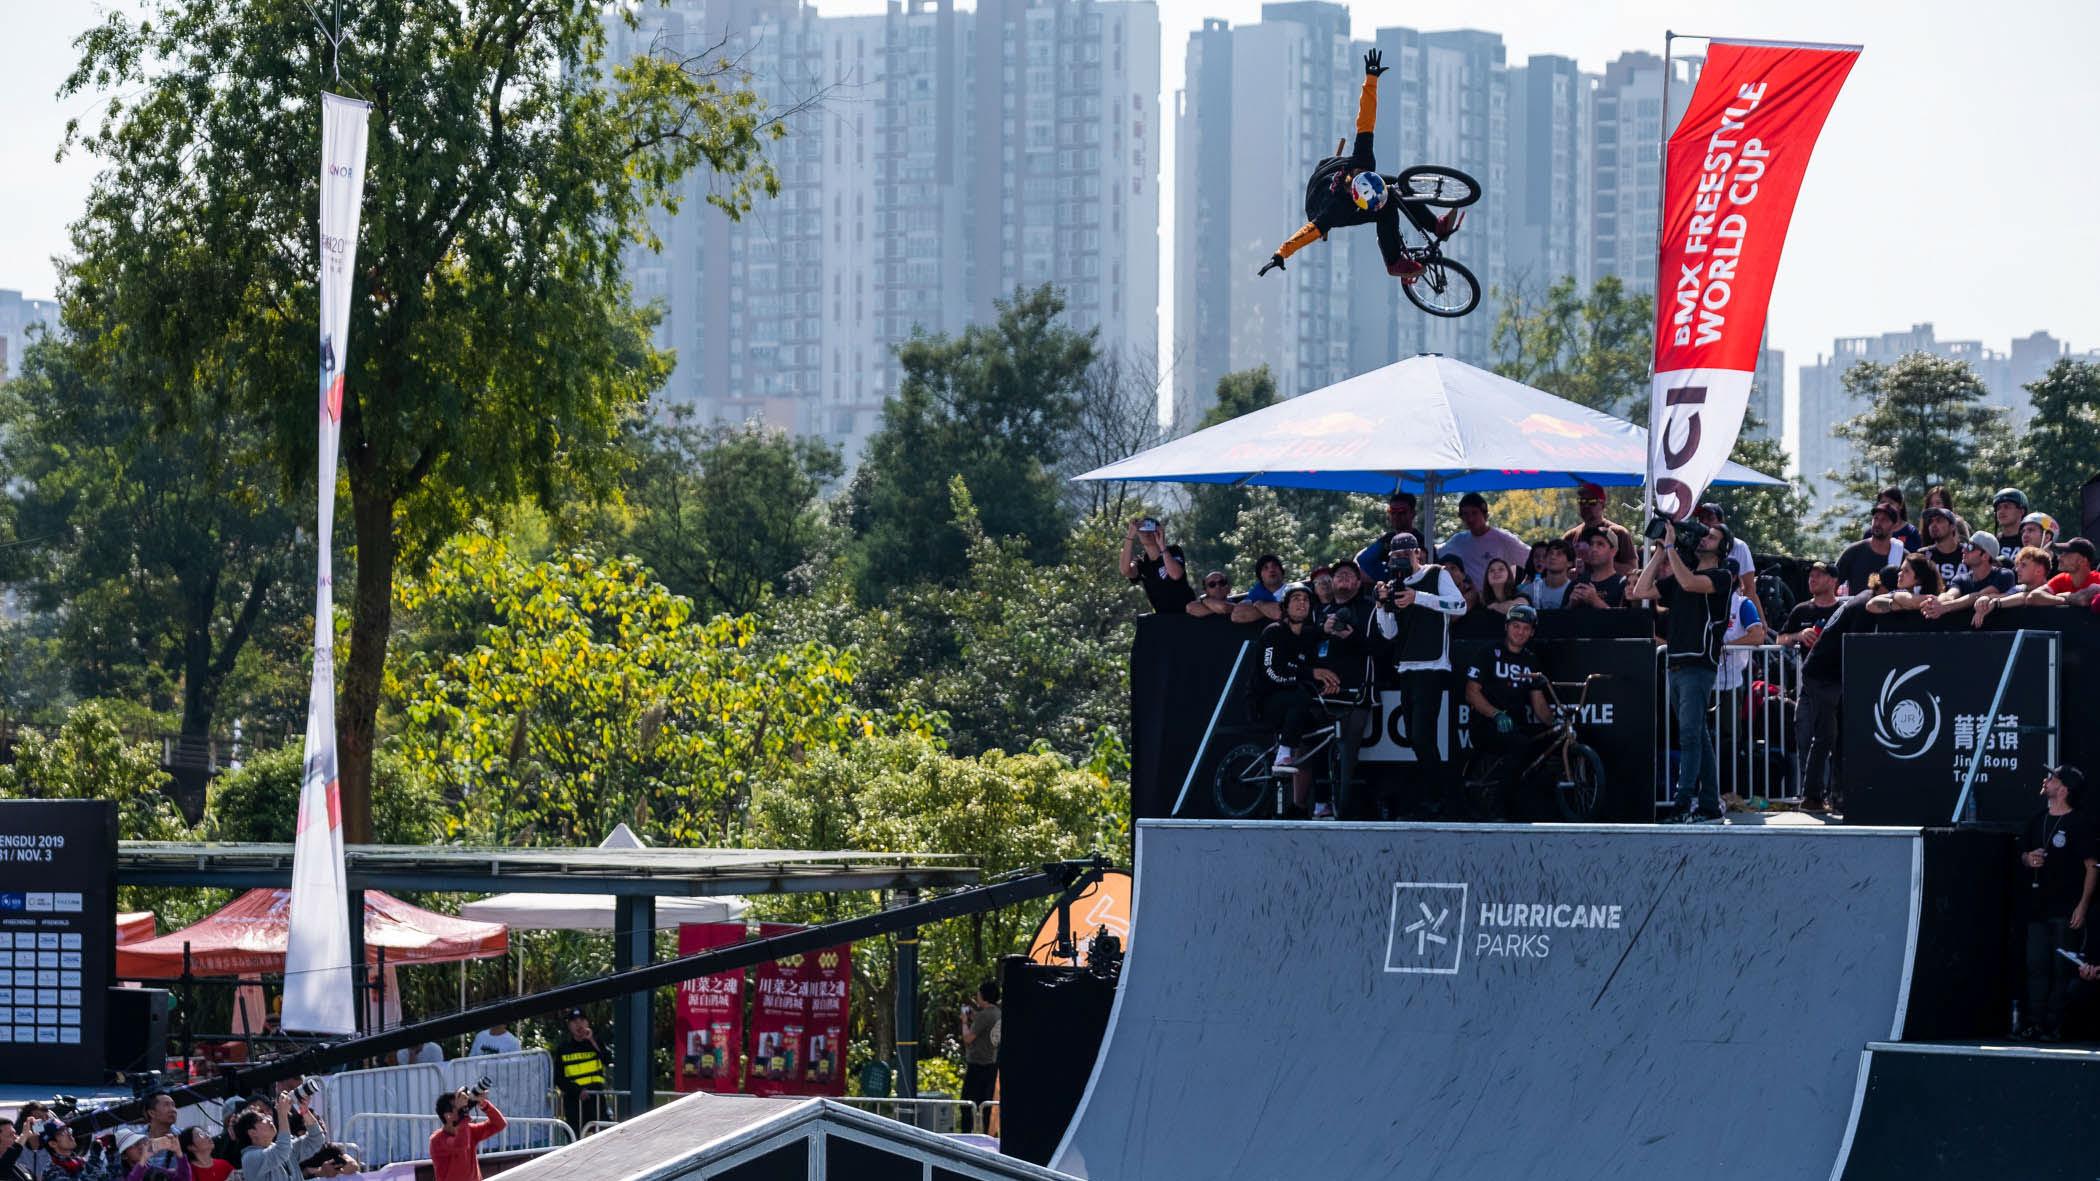 GALLERY: FISE Chengdu 2019